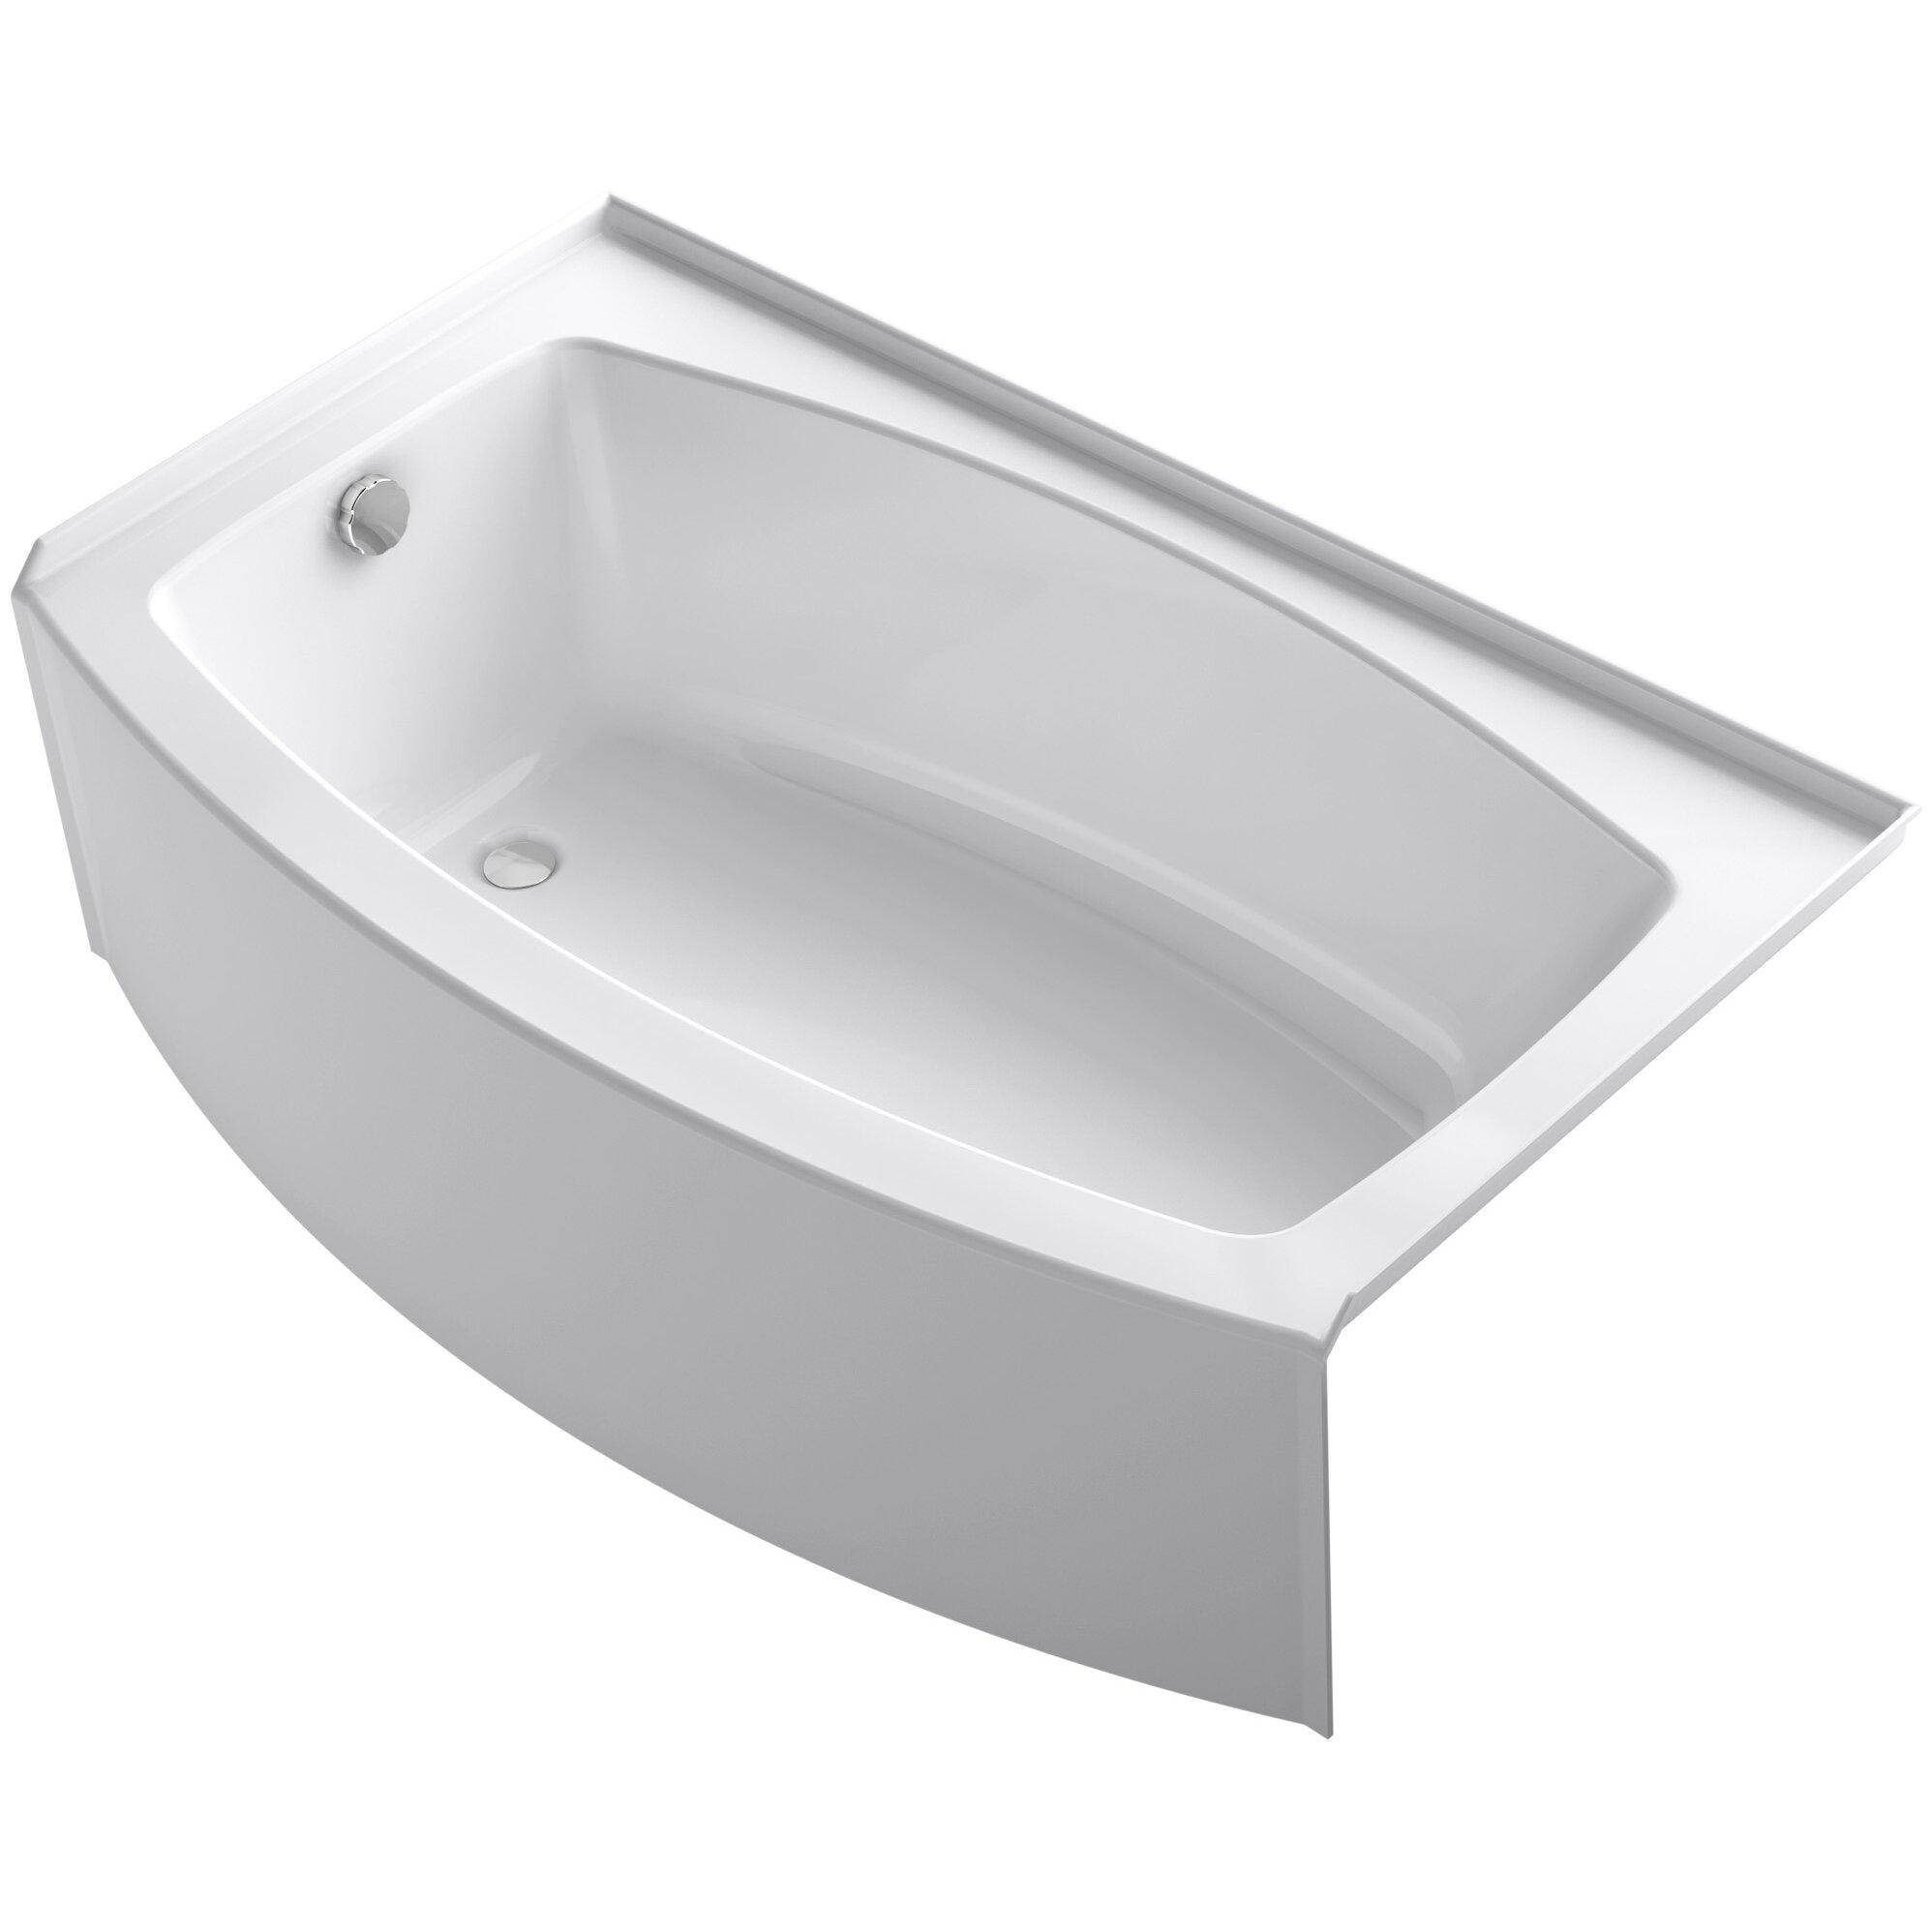 Bathtub 30x60 28 images bathtub 30x60 28 images venzi for Soaker tub definition